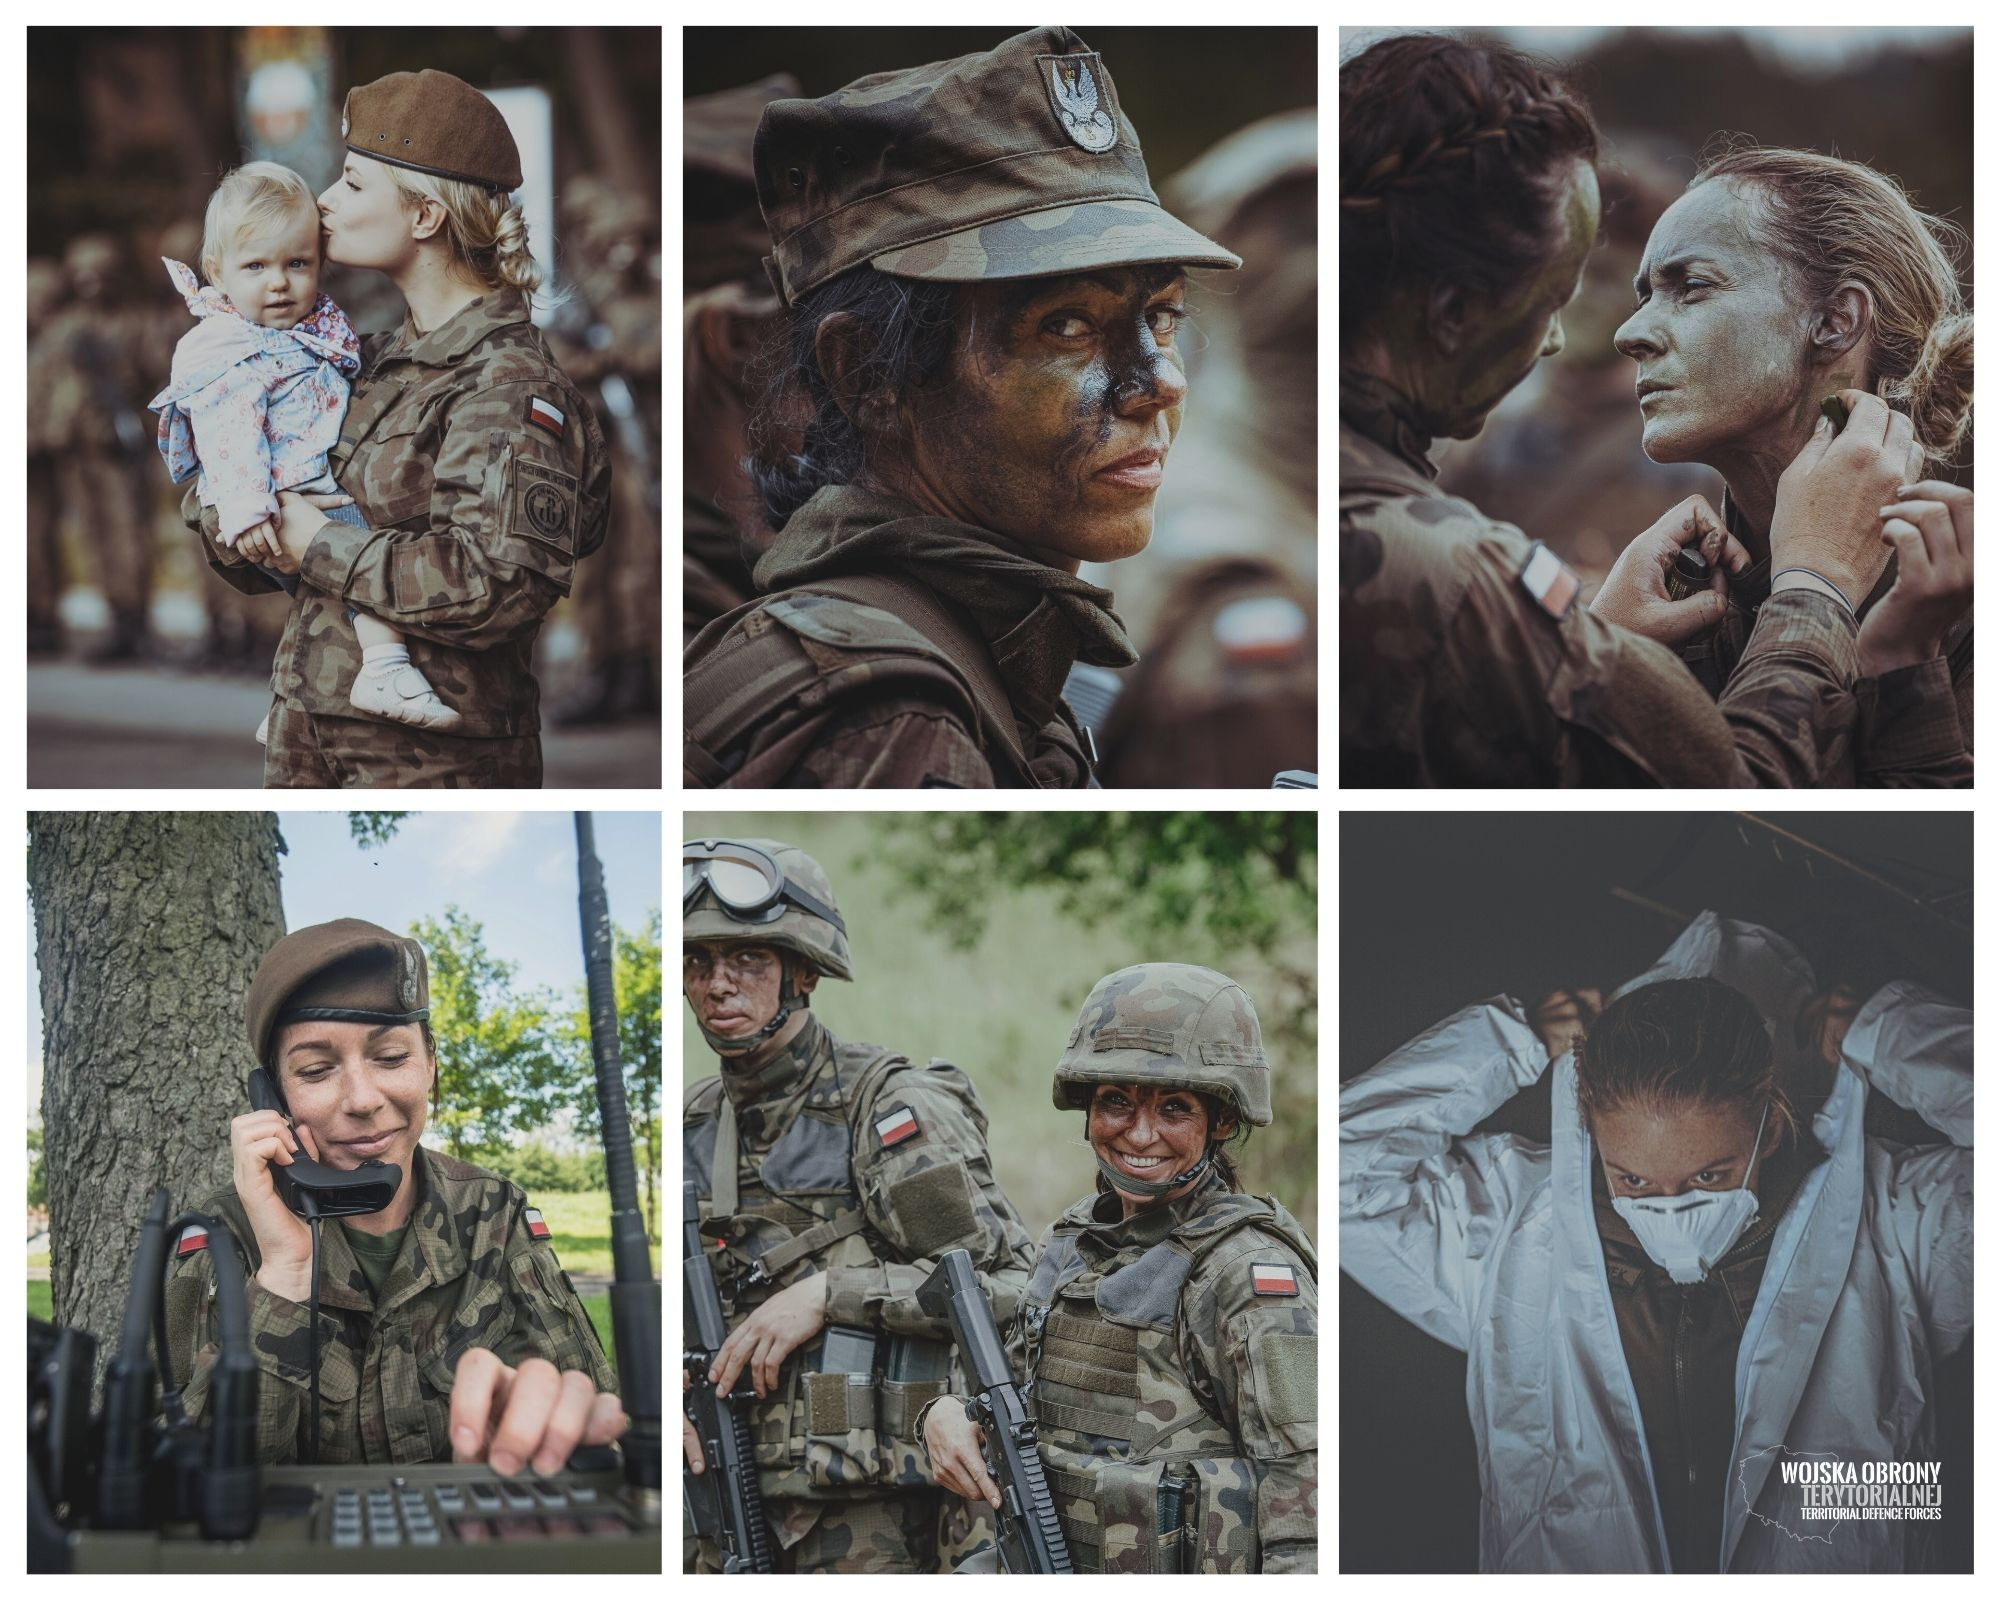 Lubelscy terytorialsi na Dzień Kobiet: W Polsce dużym zainteresowaniem wśród kobiet cieszą się Wojska Obrony Terytorialnej - Zdjęcie główne